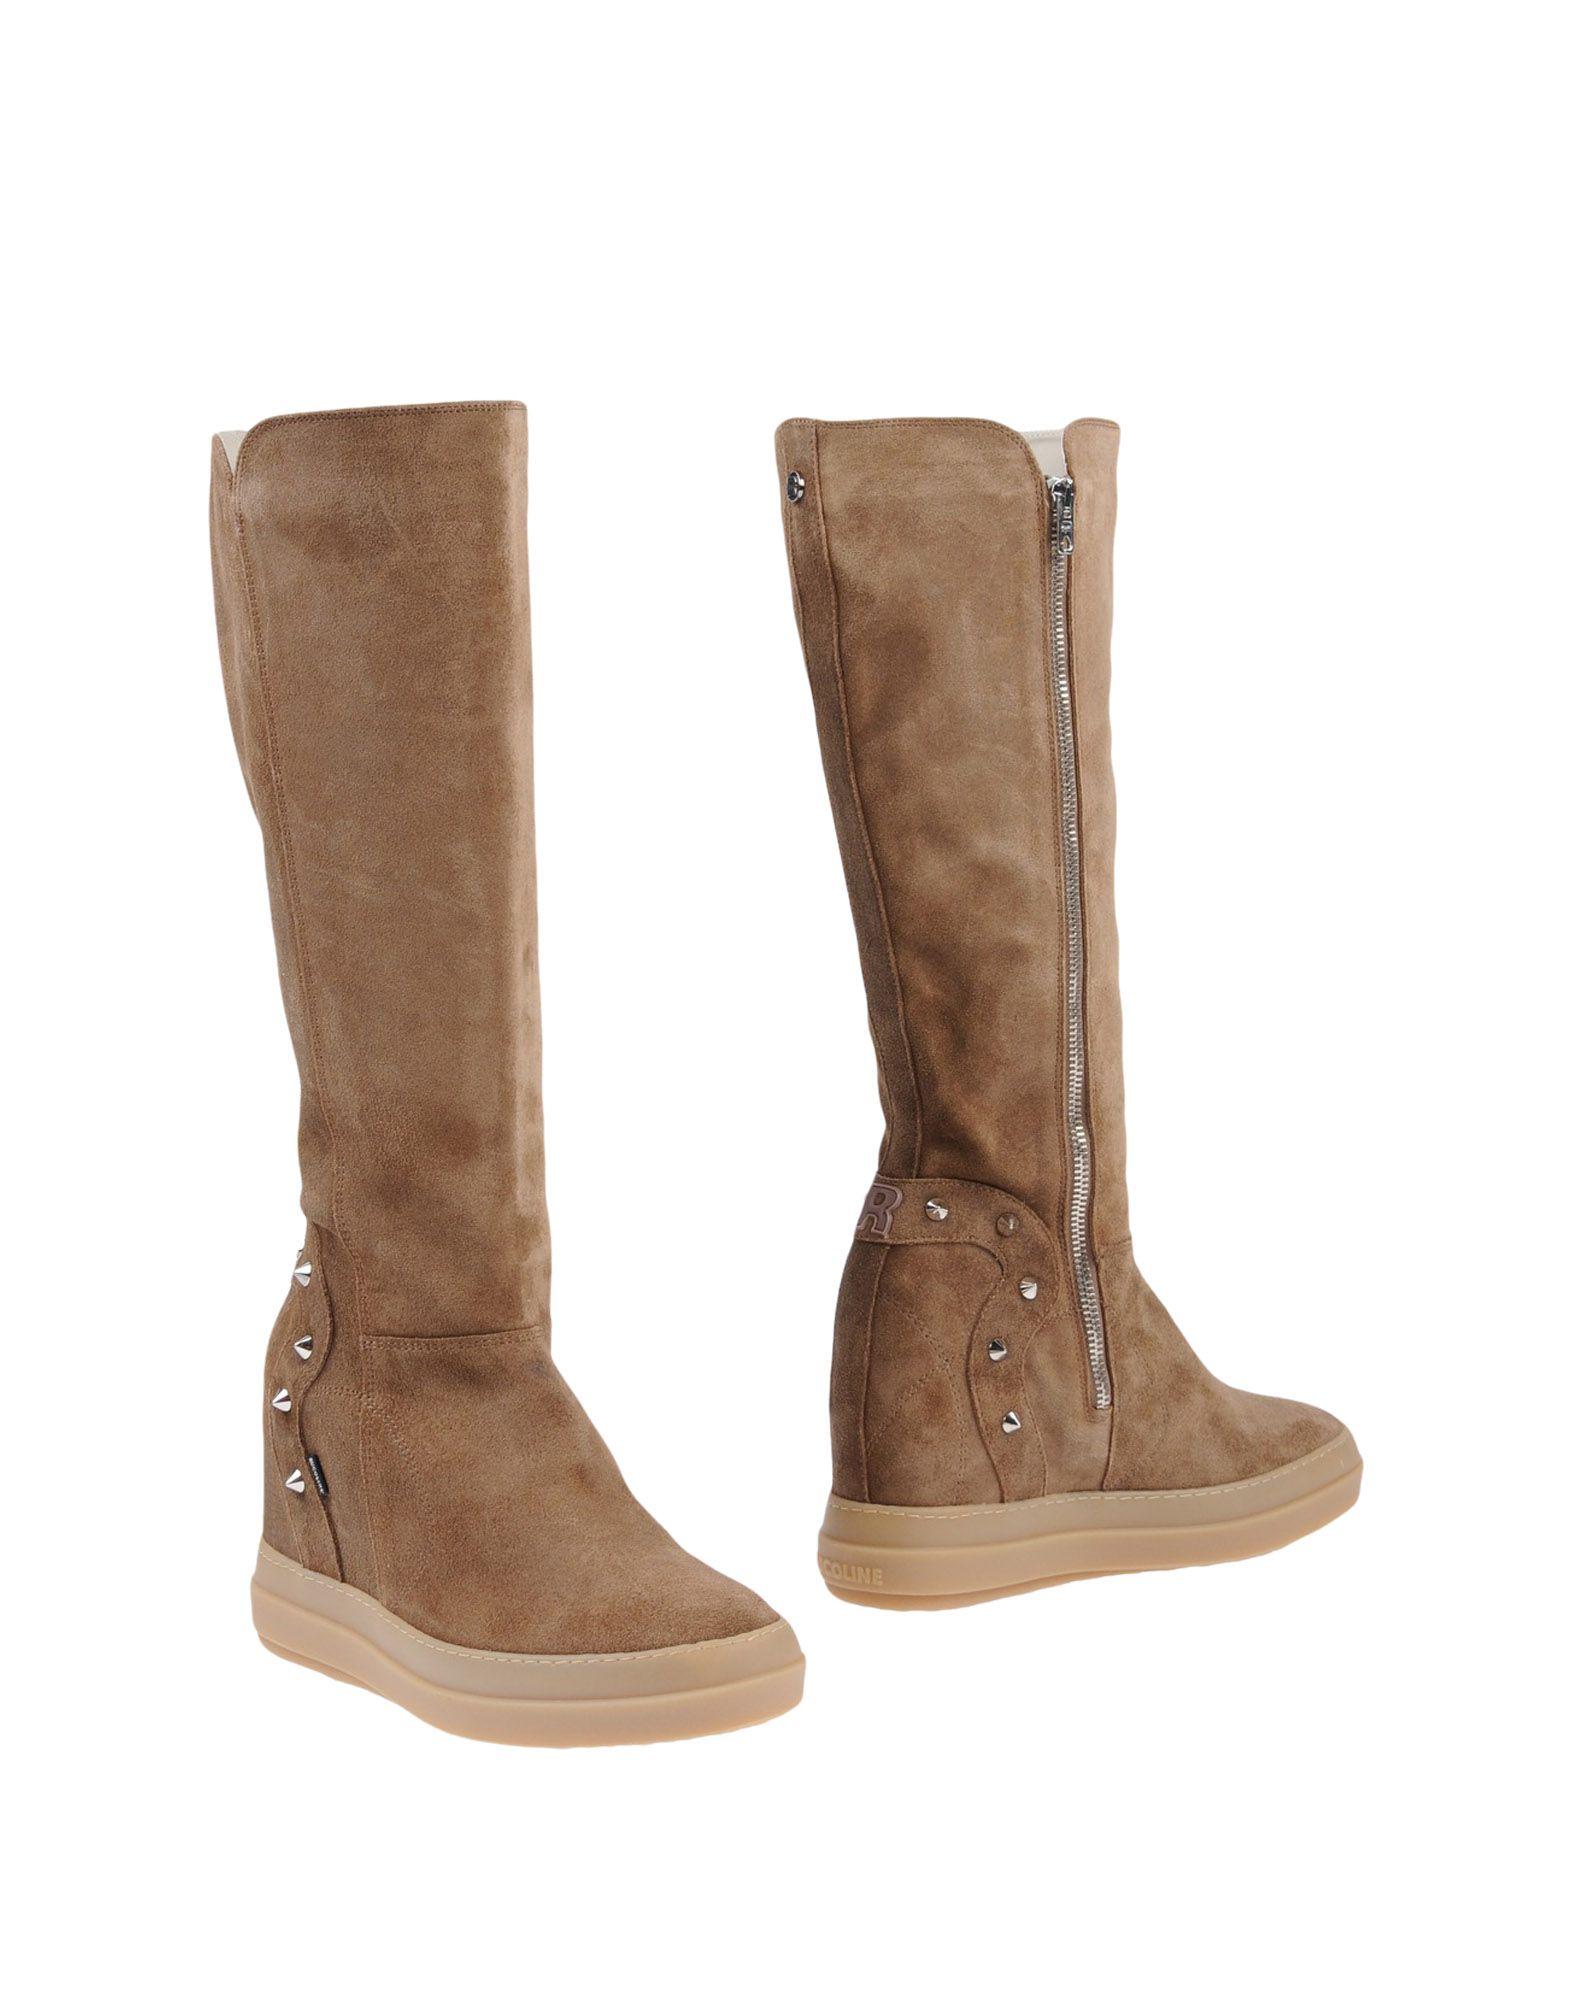 Ruco Line Boots Boots - Women Ruco Line Boots Boots online on  Canada - 11467994NA 528af3